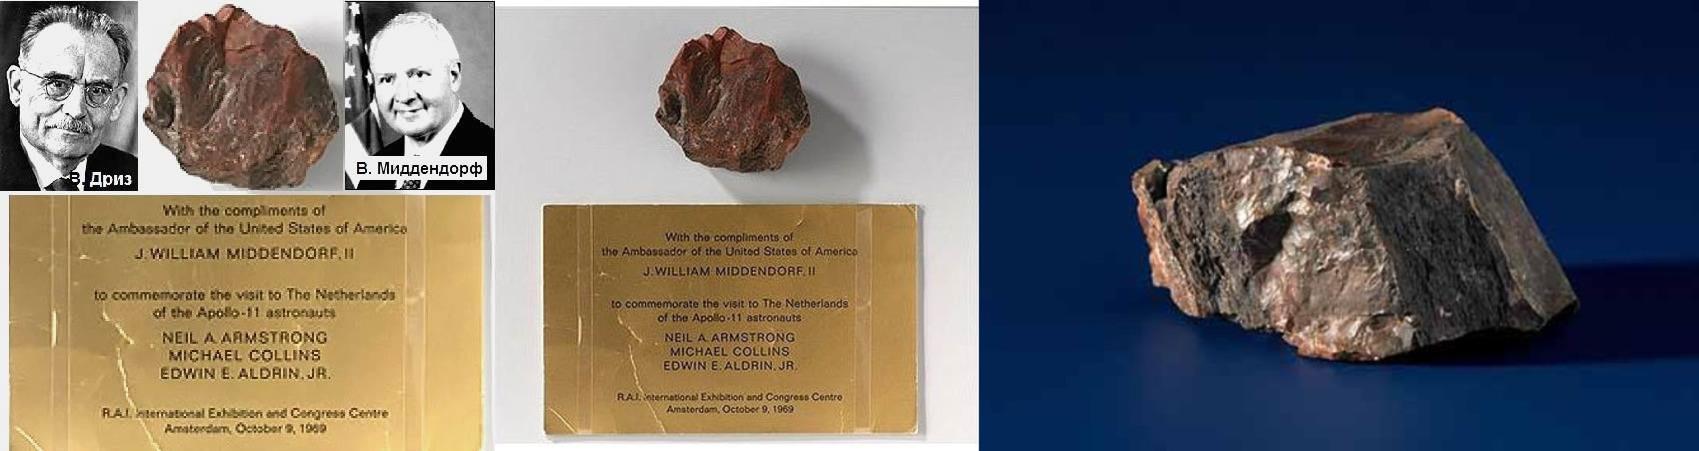 Вот этот подделанный американцами камень с Луны, подаренный бывшему премьеру Нидерландов Дреесу